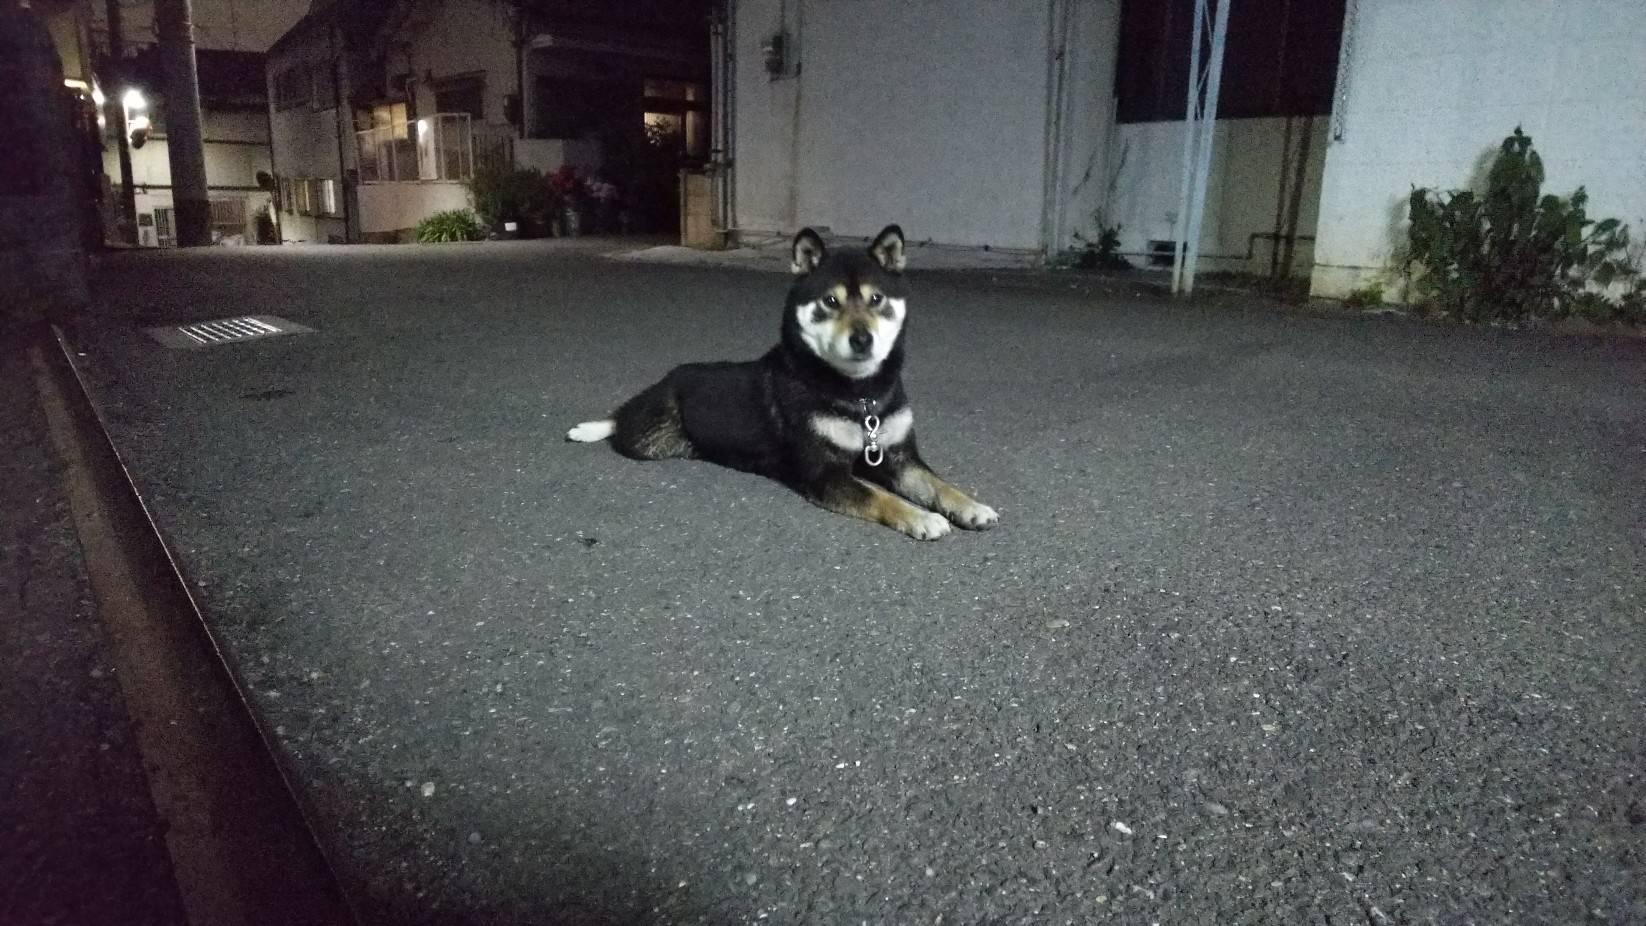 黒の柴犬を四條畷警察署に保護して貰いました。